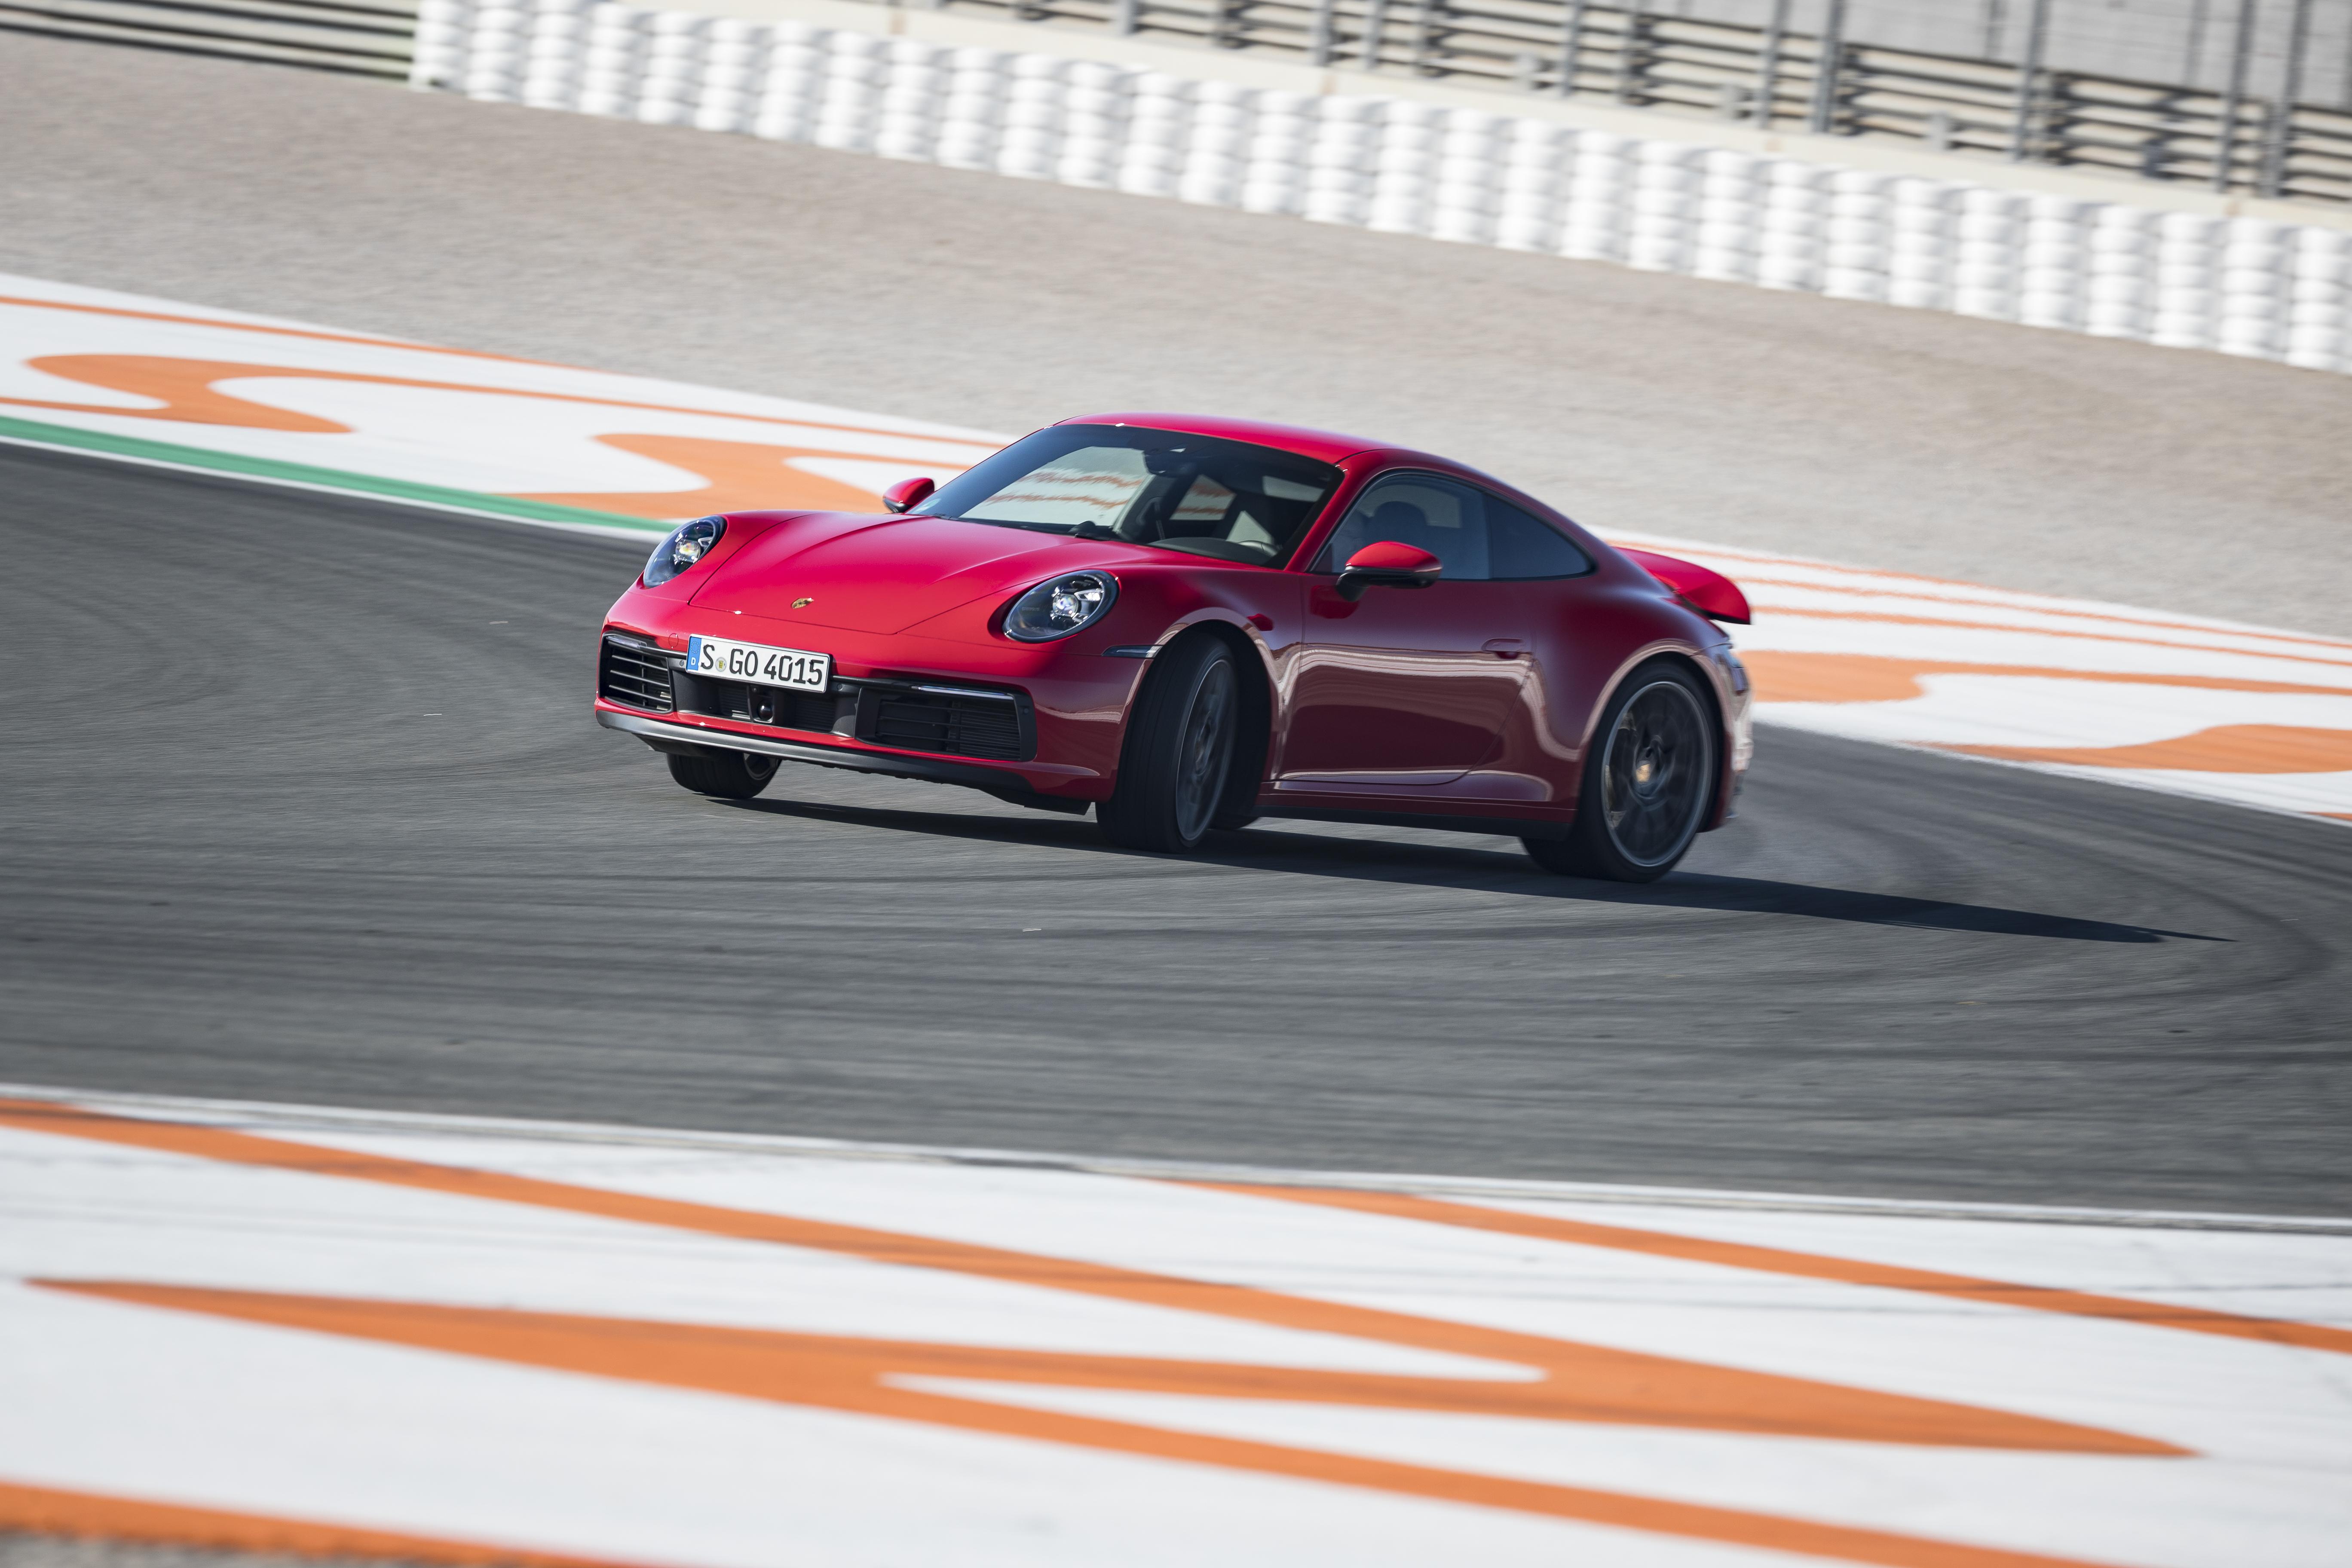 Porsche.jpg (7.22 MB)